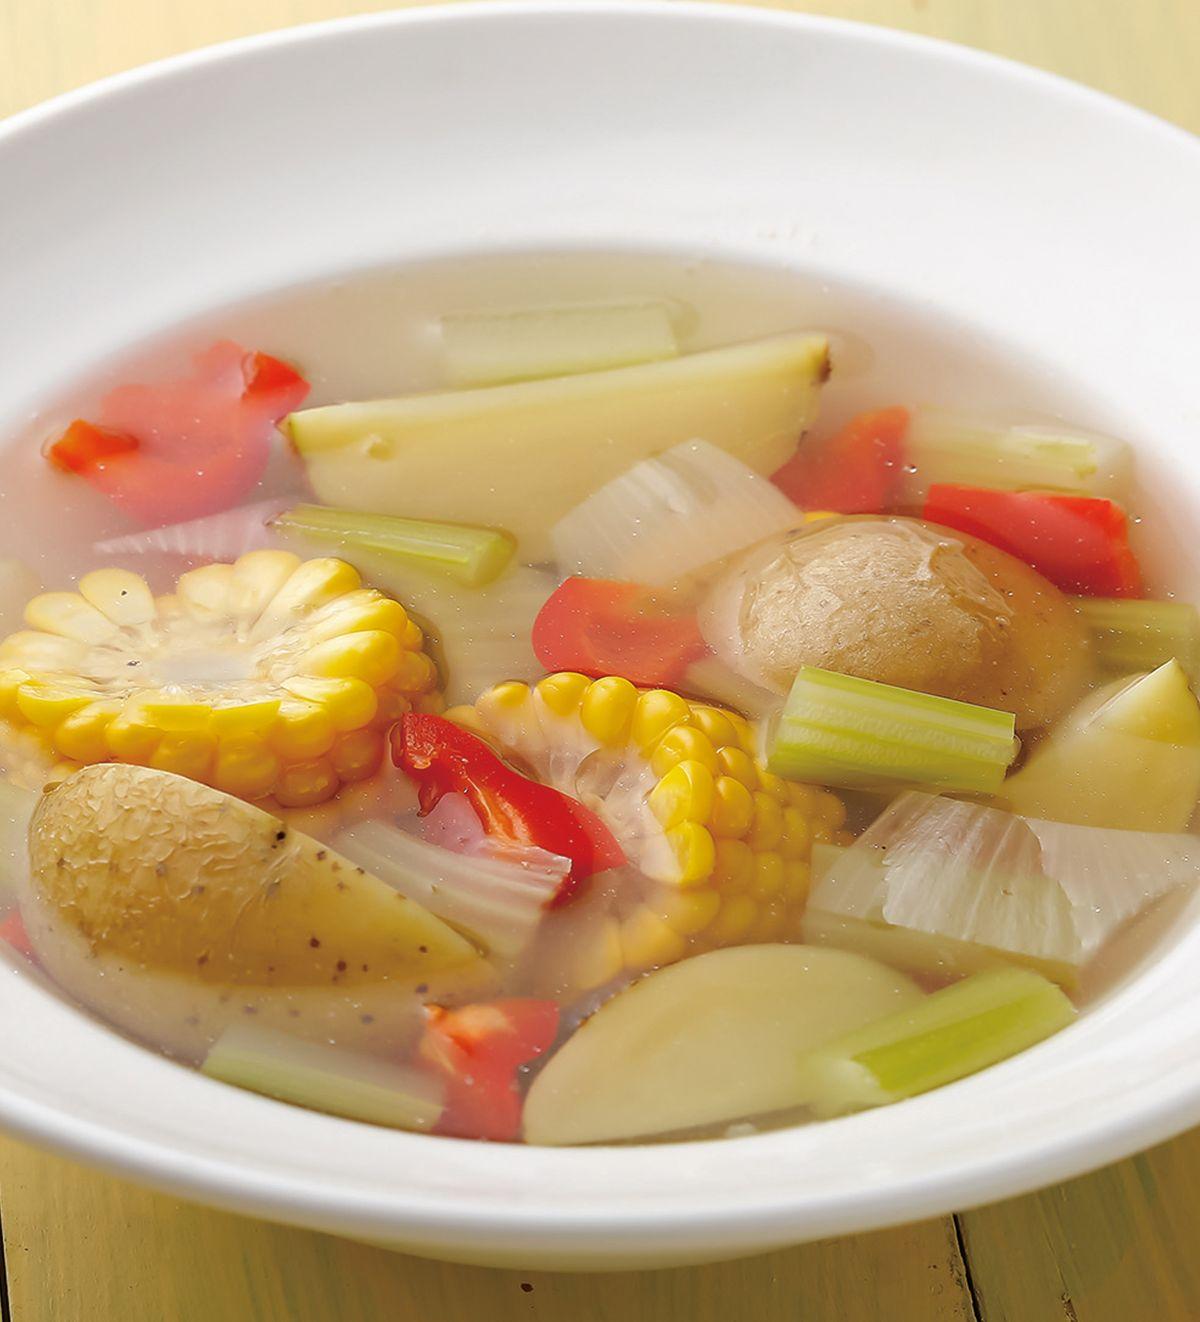 食譜:雞汁鮮蔬鍋